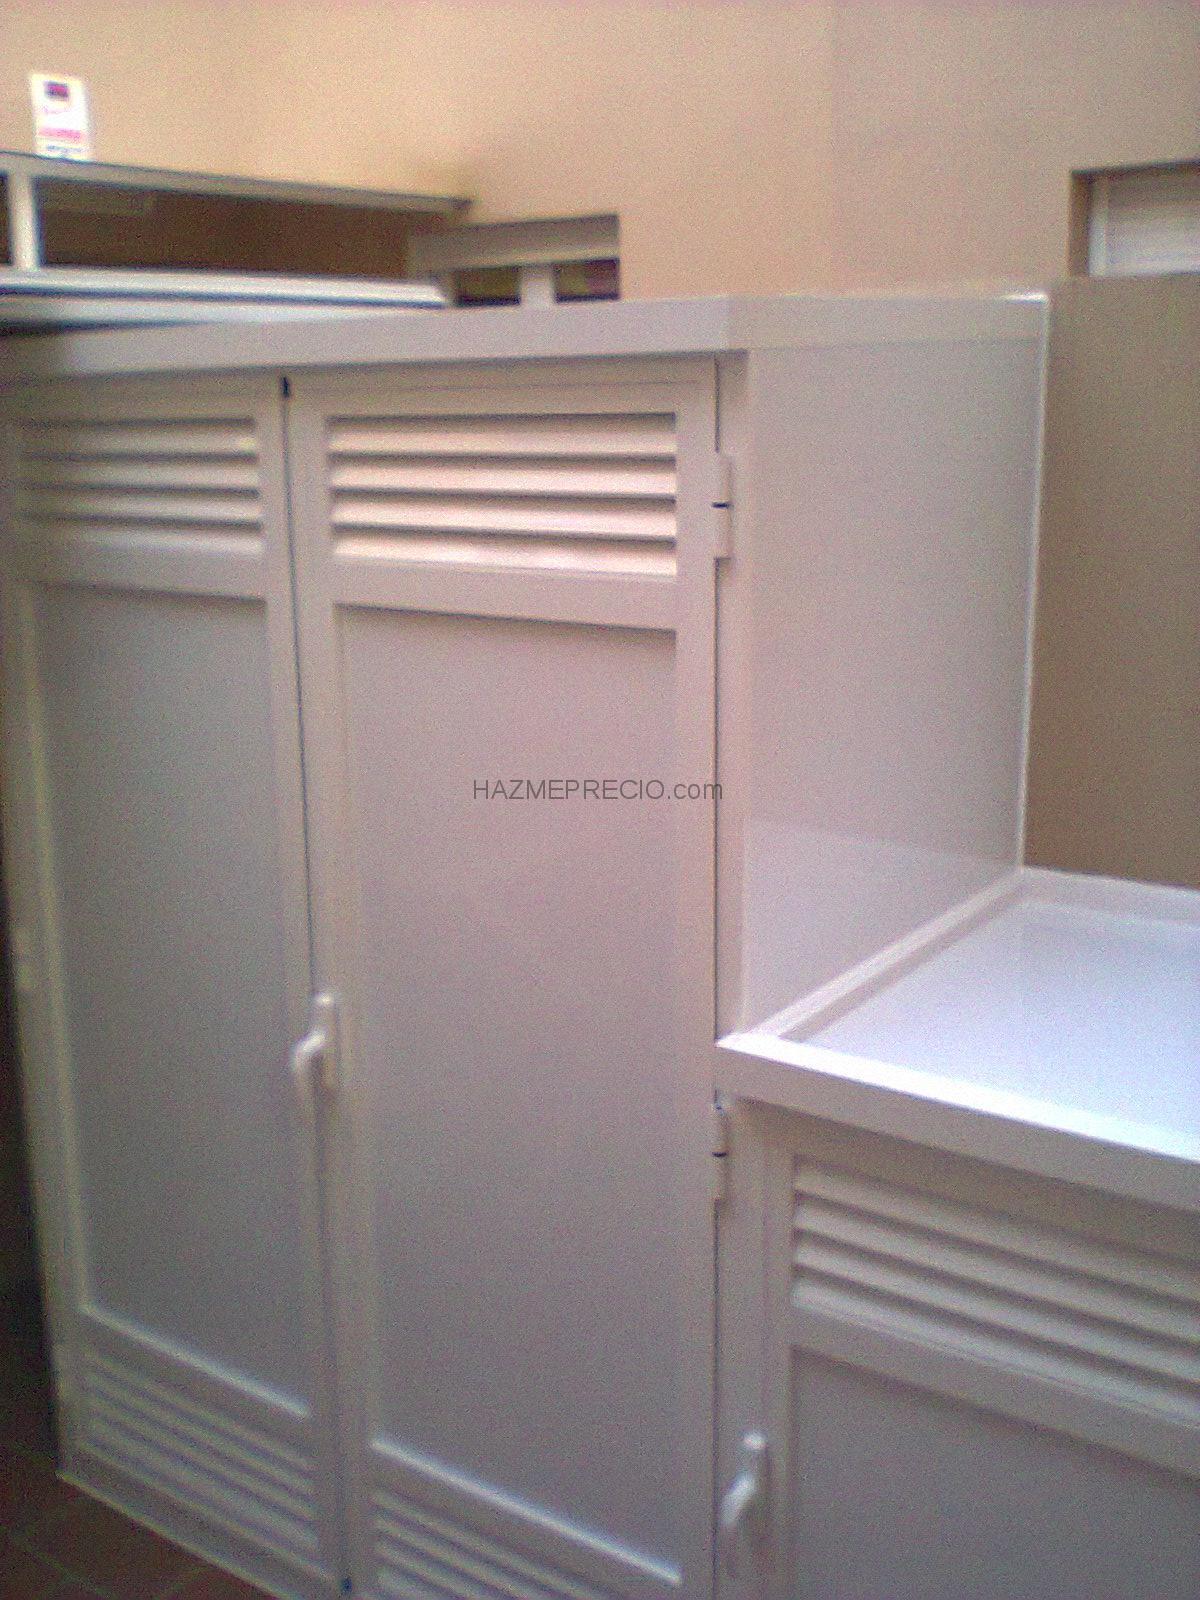 Empresas de carpinteria de aluminio en cadiz - Muebles para trasteros ...